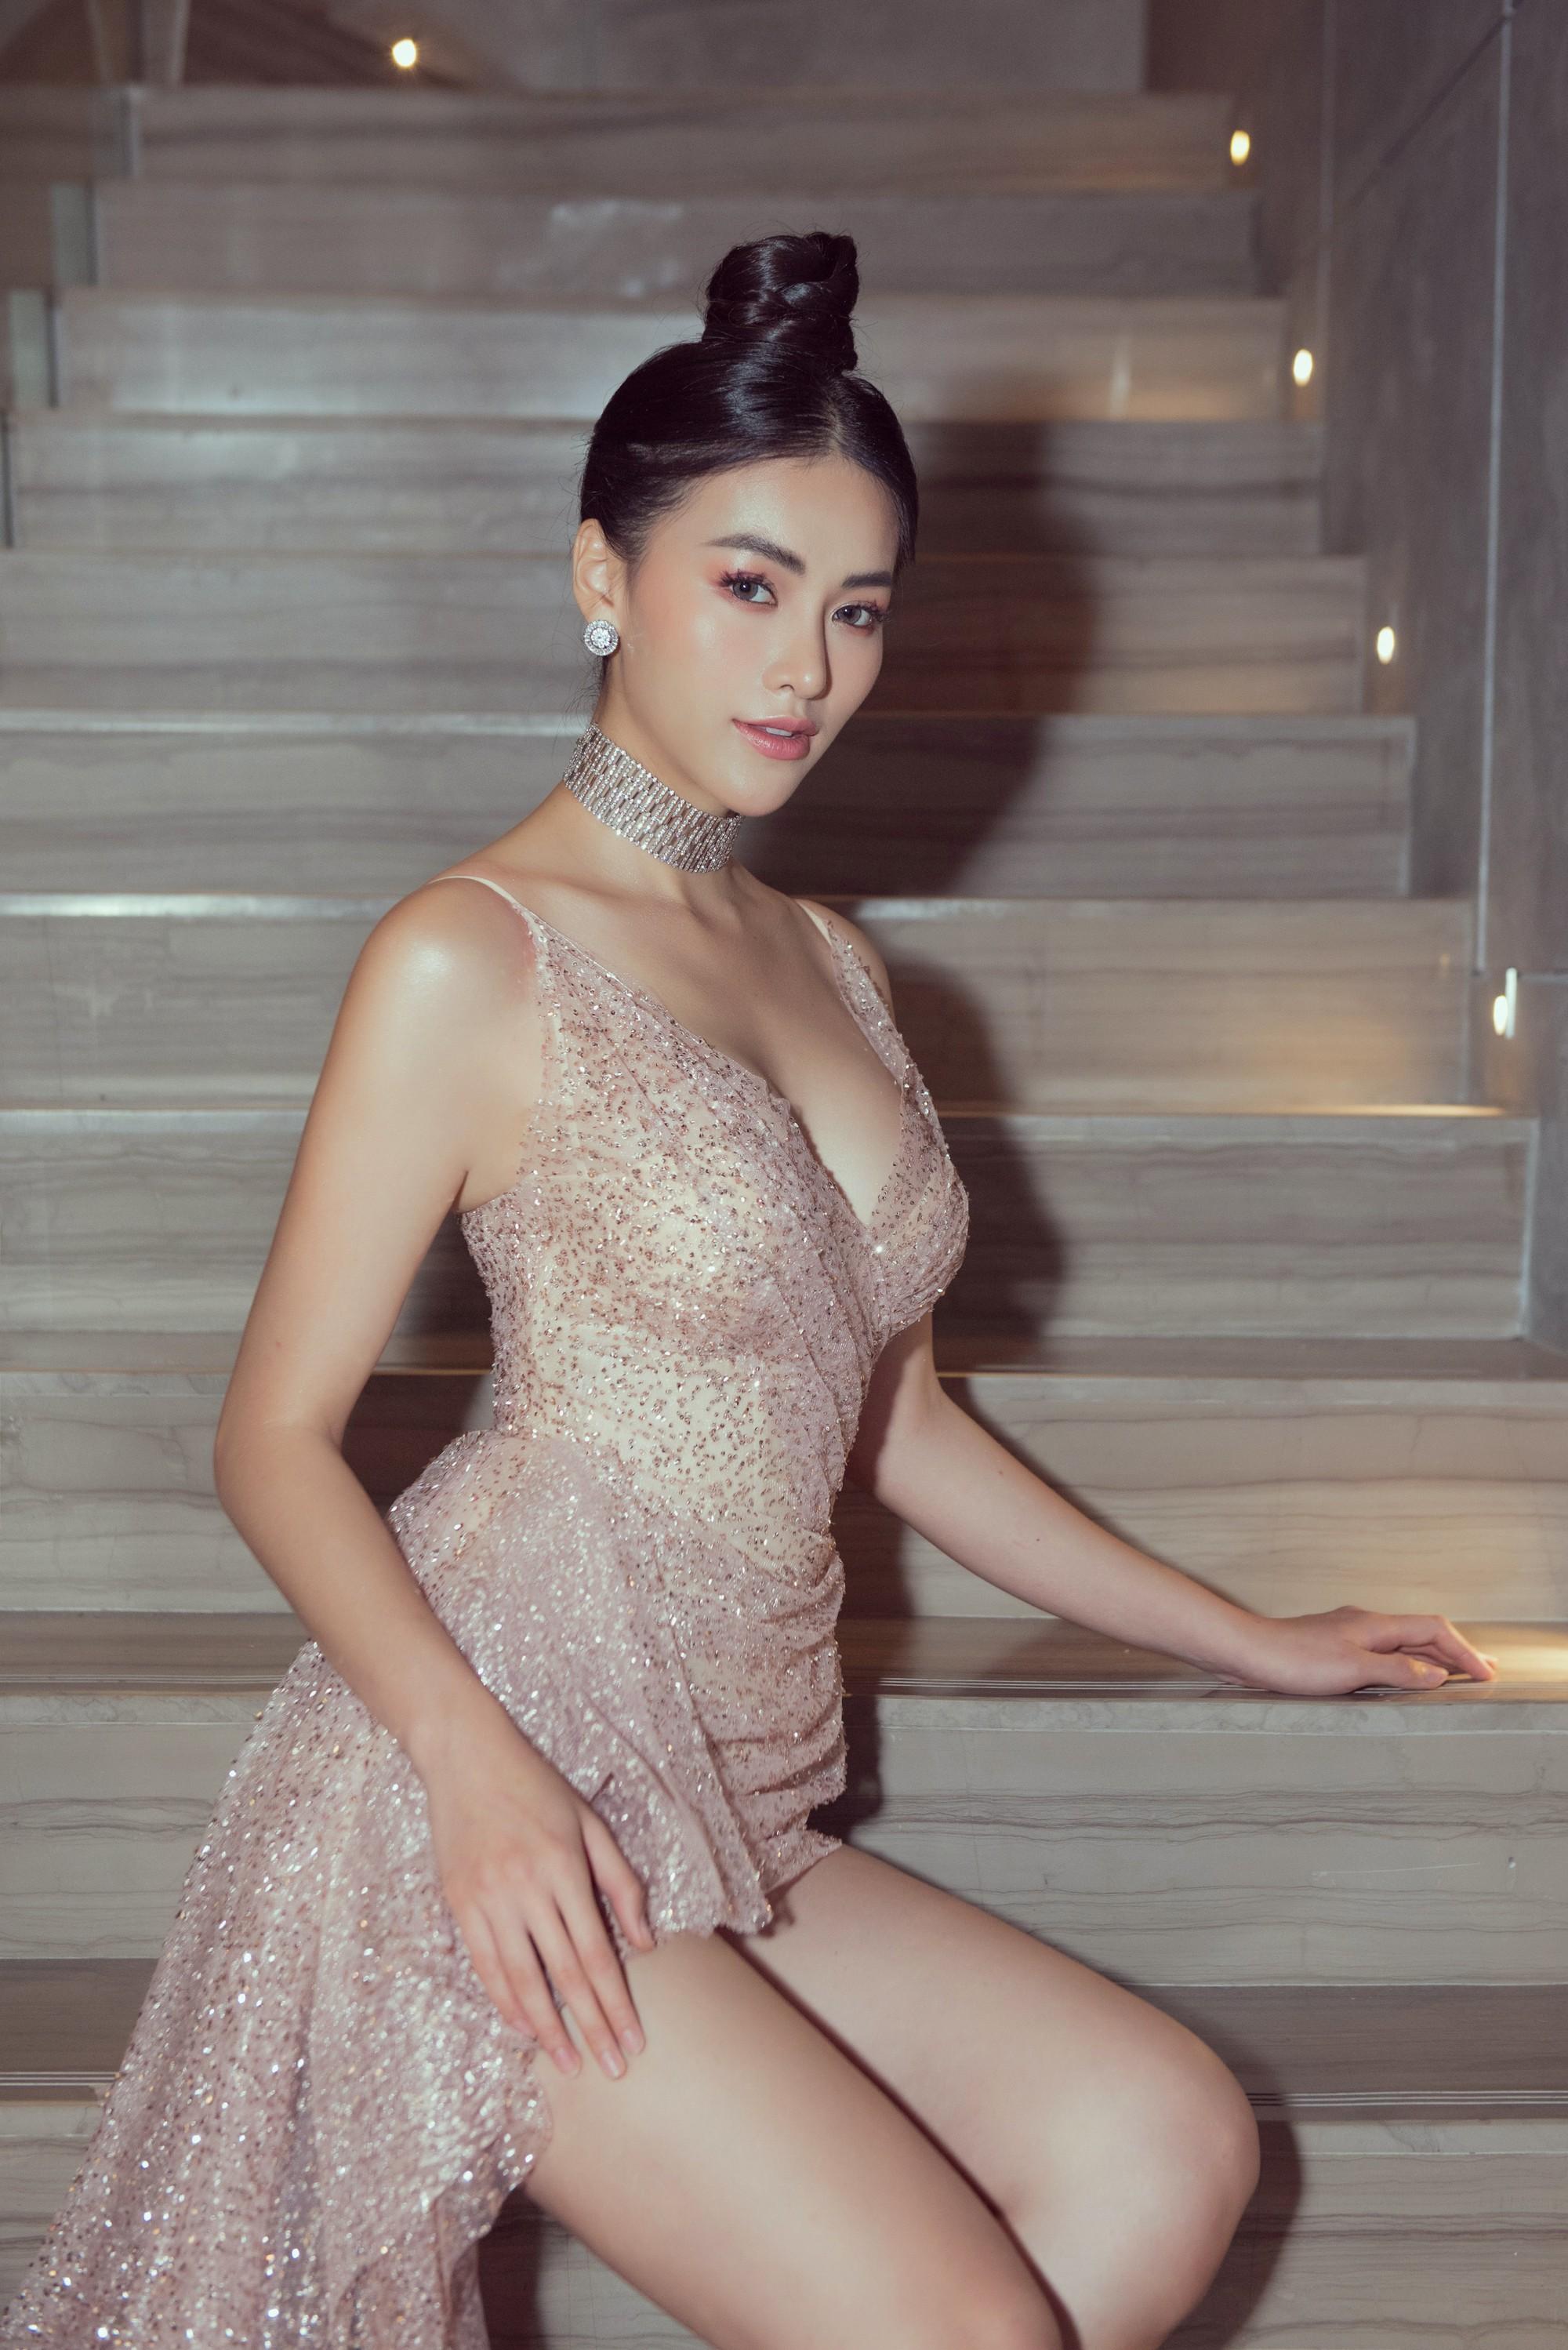 Hoa hậu Phương Khánh giảm 10 kg để sở hữu vòng eo 54 cm - Ảnh 3.